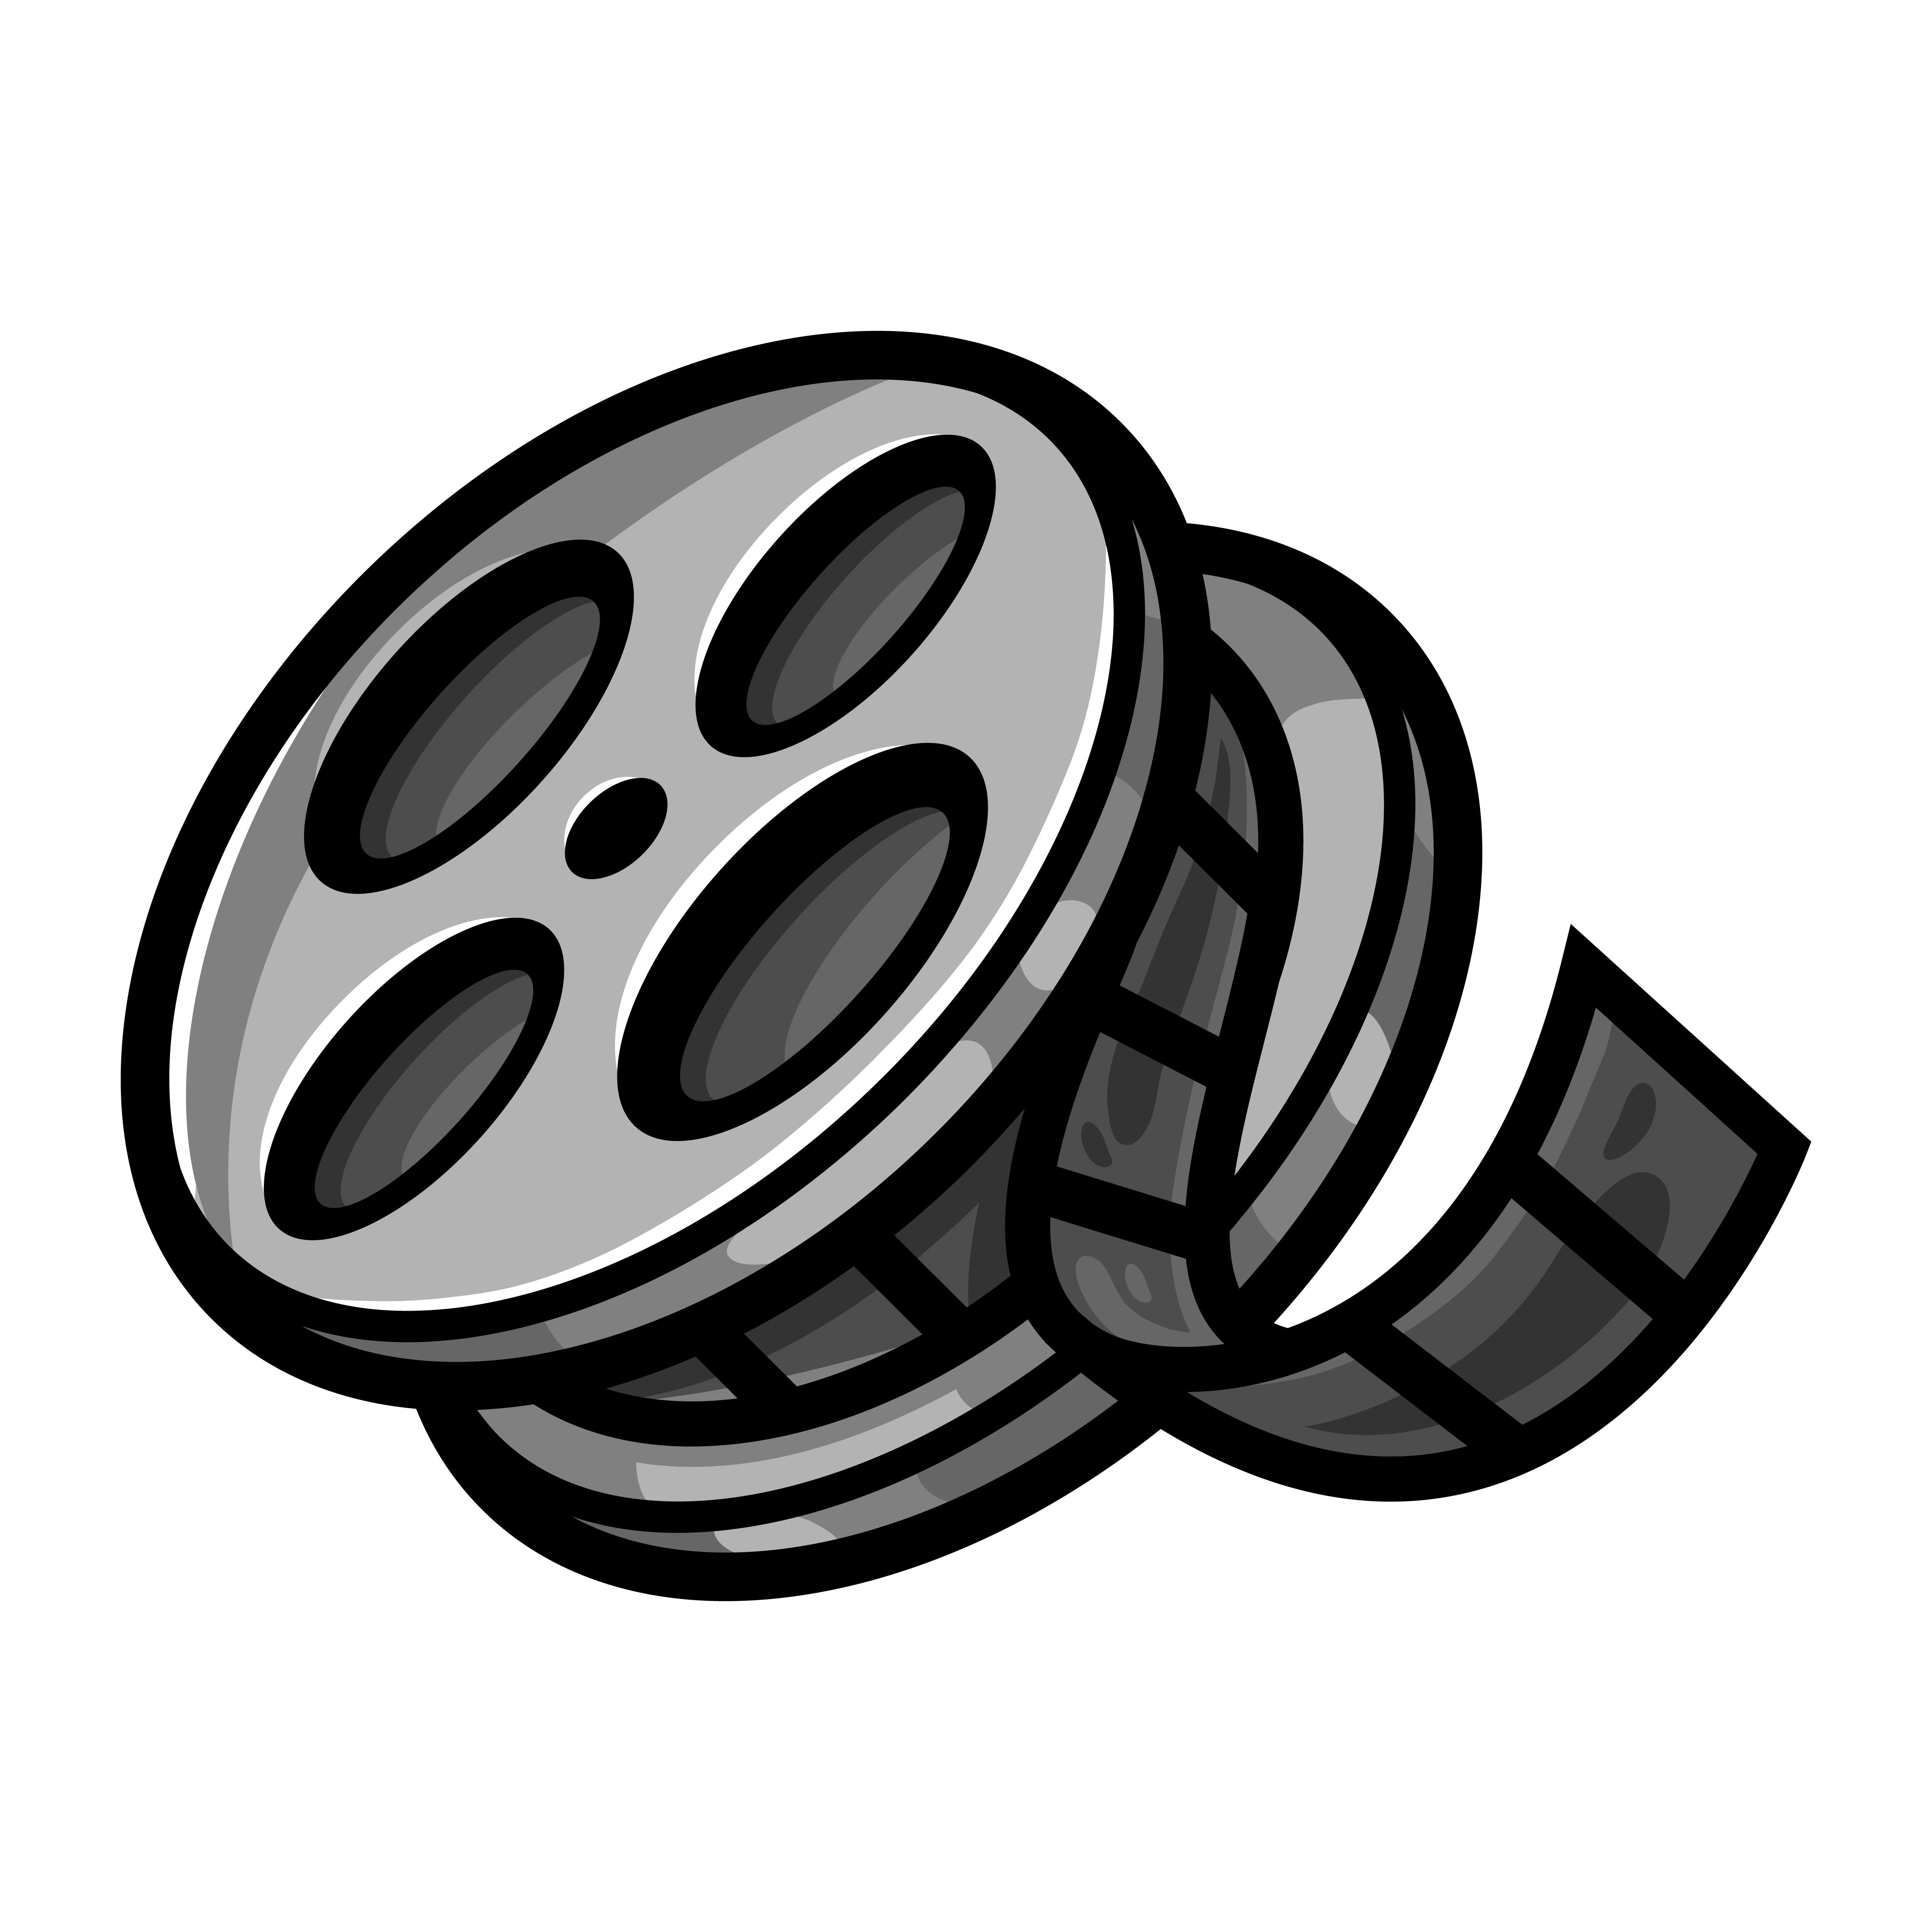 Movie Theater Cinema Film Reel Unspooling